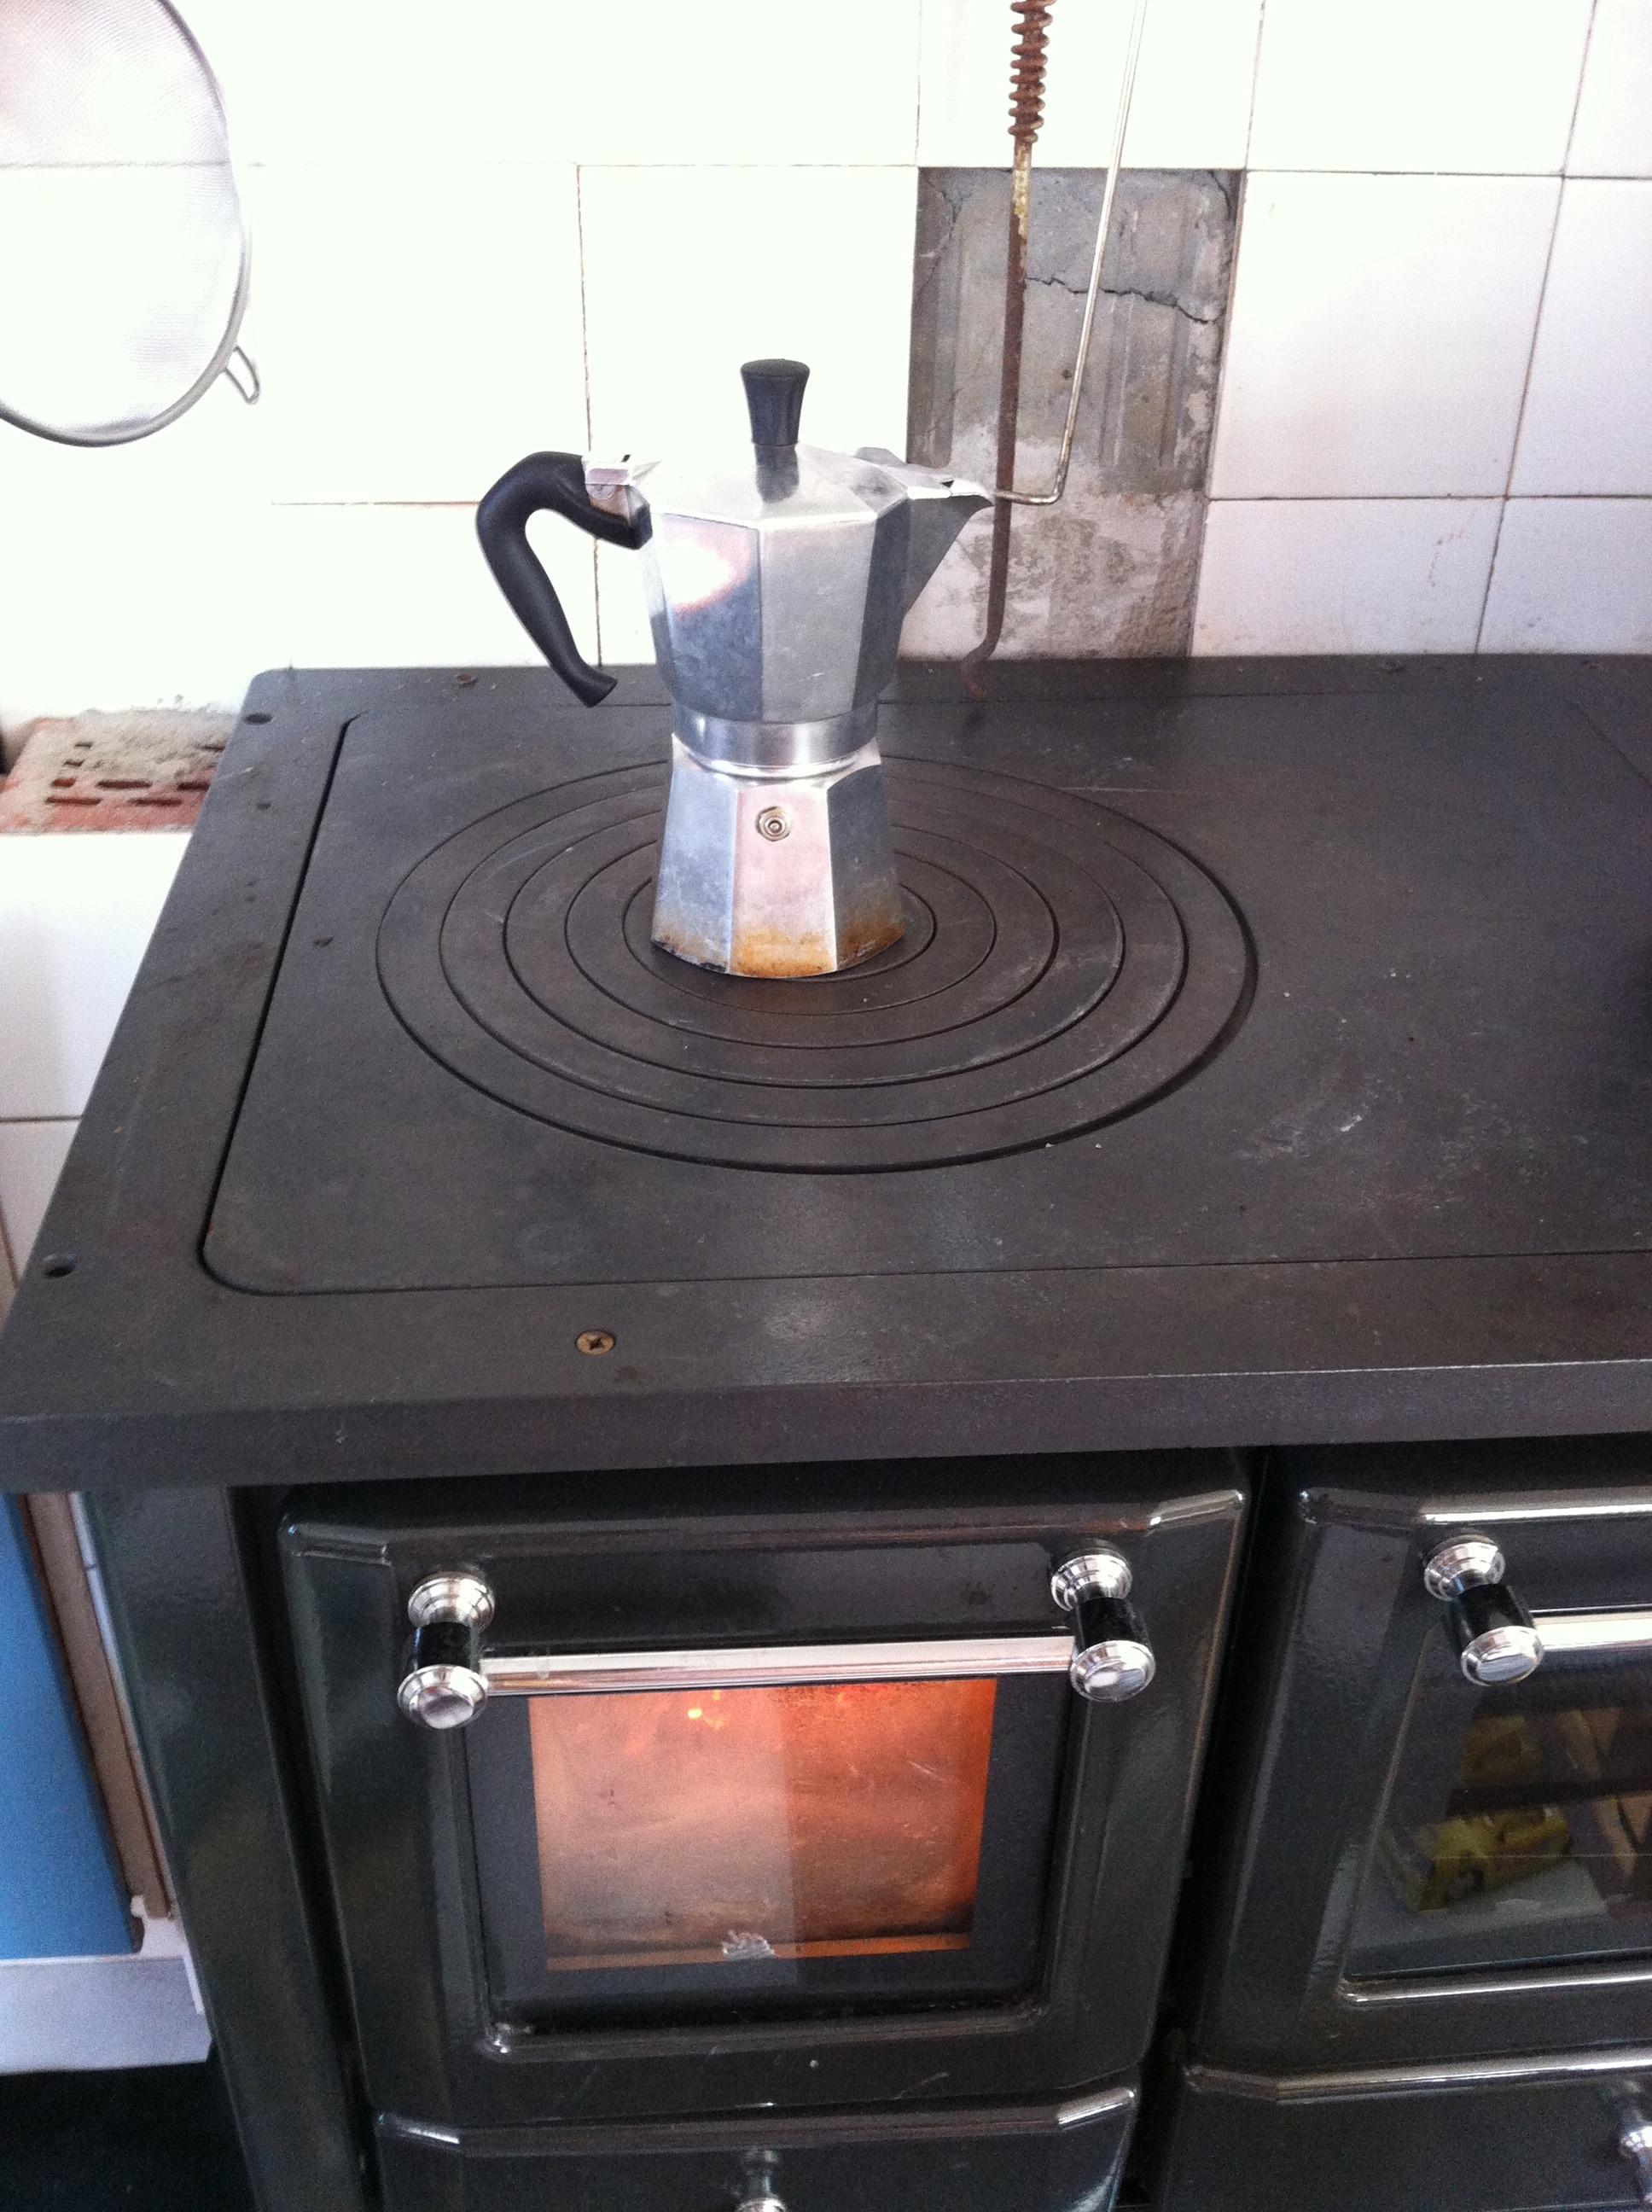 Gratis billeder : tabel, kaffe, hjul, gammel, køkken, ildsted, håndvask, møbel, værelse, varme ...